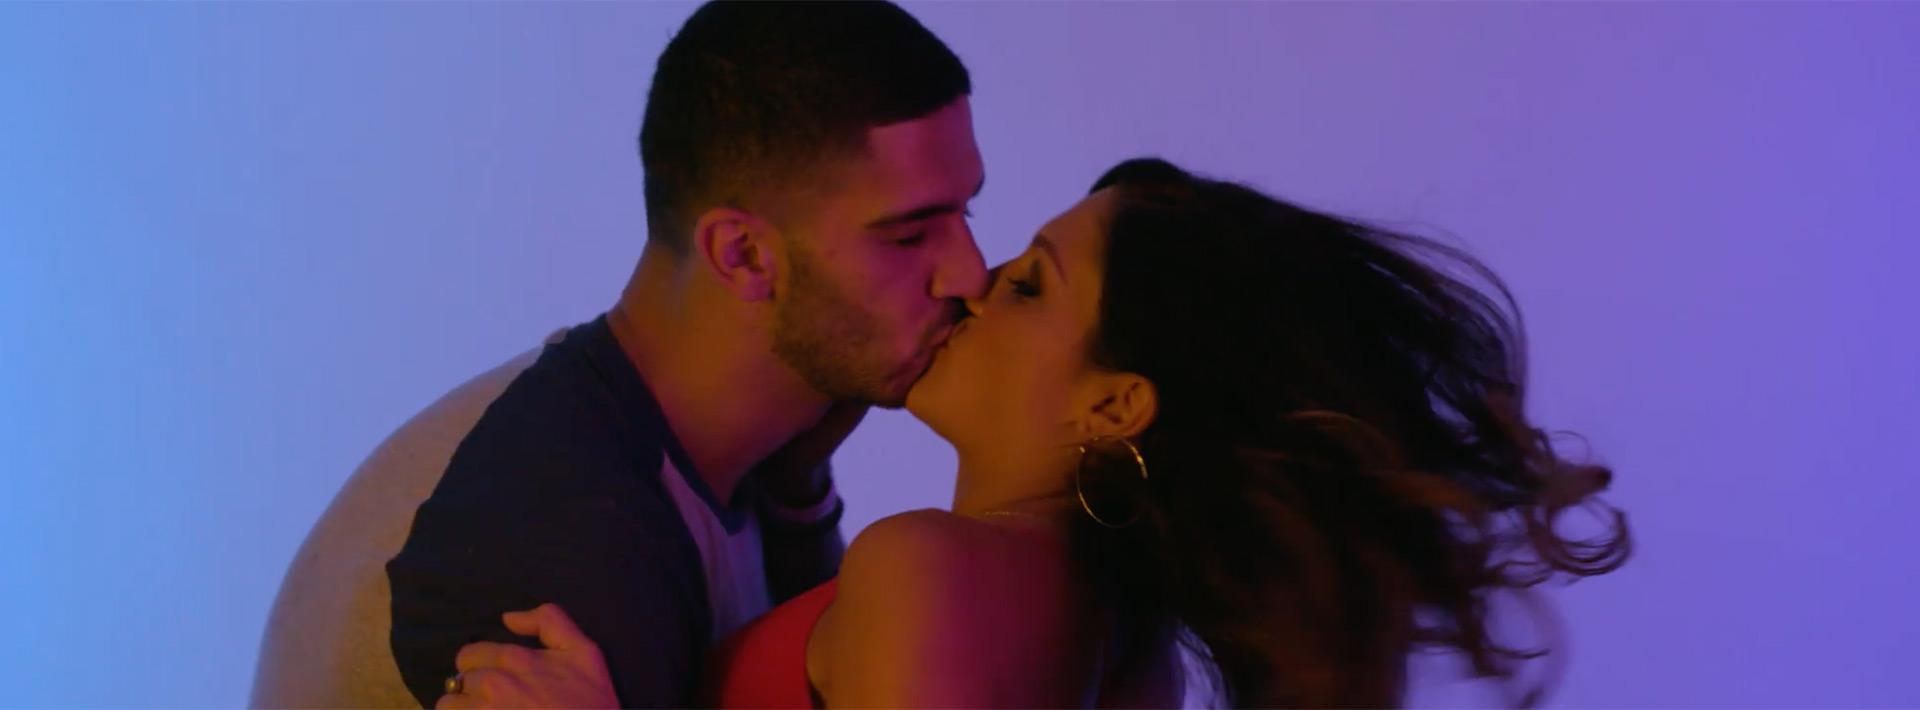 scottsdale-kiss